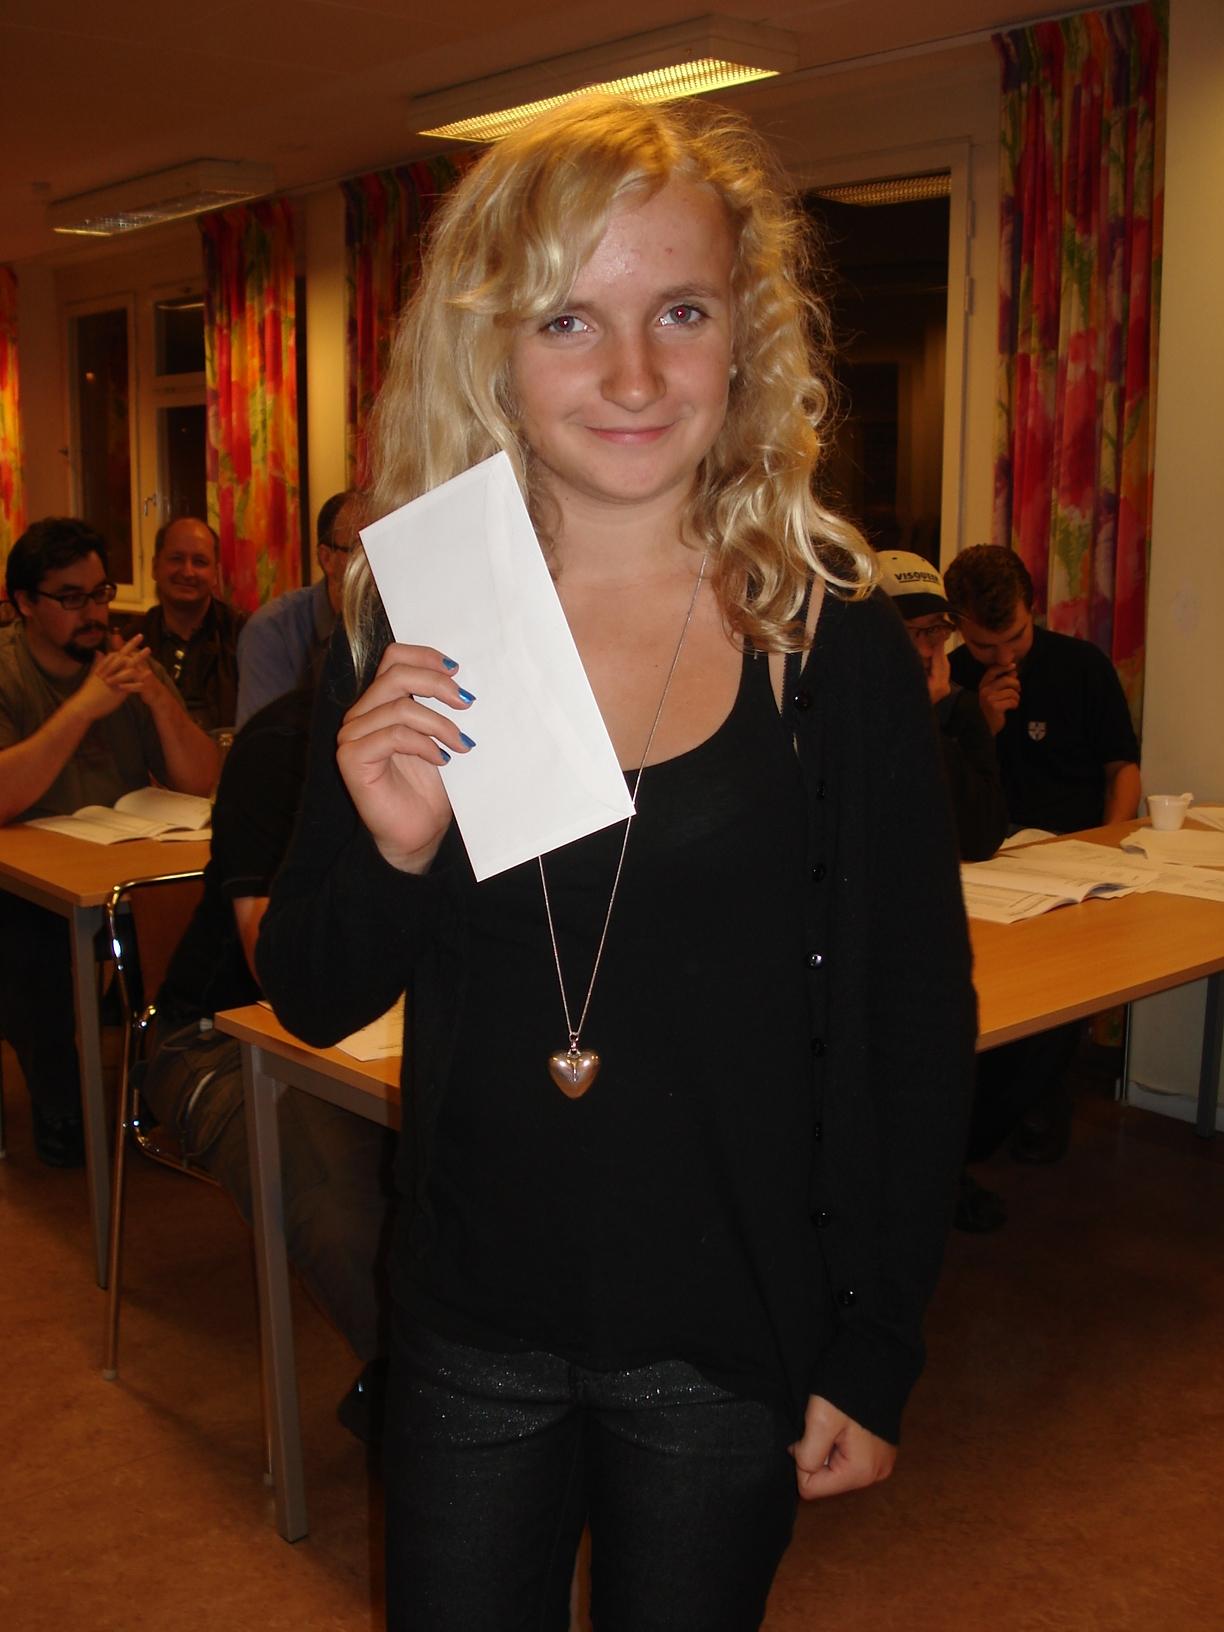 Louise Segerfelt med priskuvert  i näven.